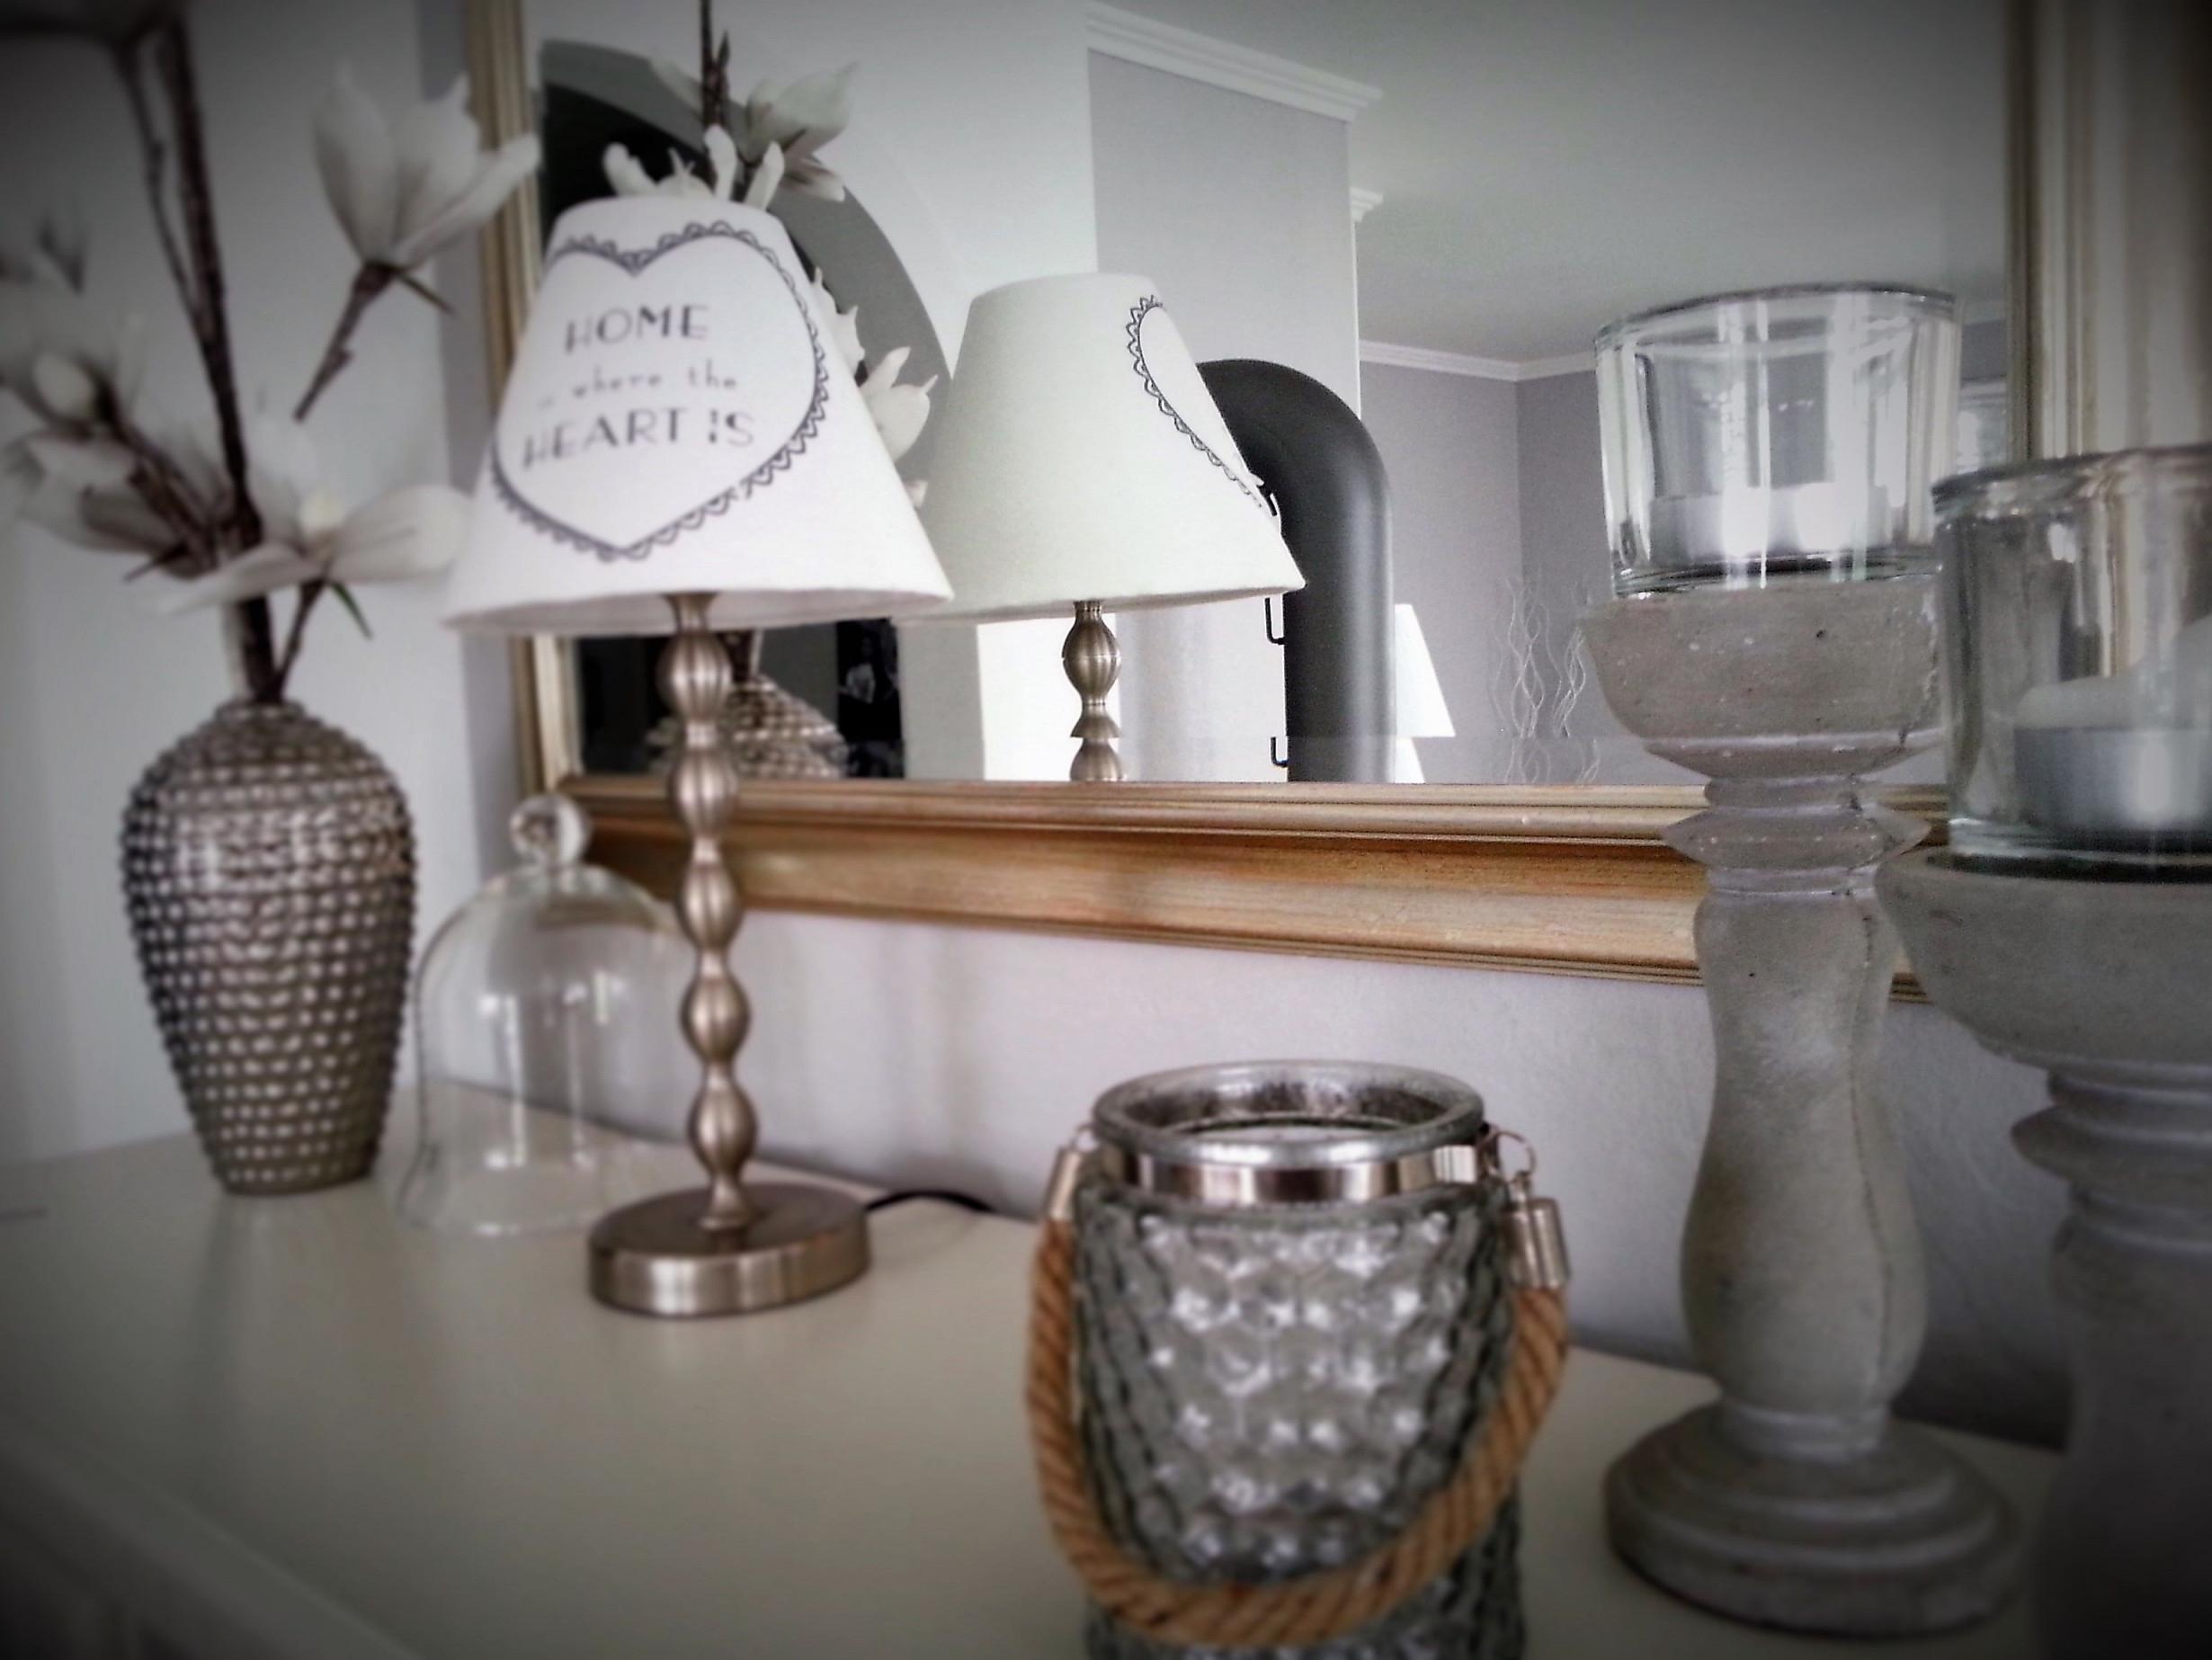 Deko In Weiß  Silber  Beton  Schöne Zuhause Zuhause Und Deko von Wohnzimmer Deko Weiss Silber Photo